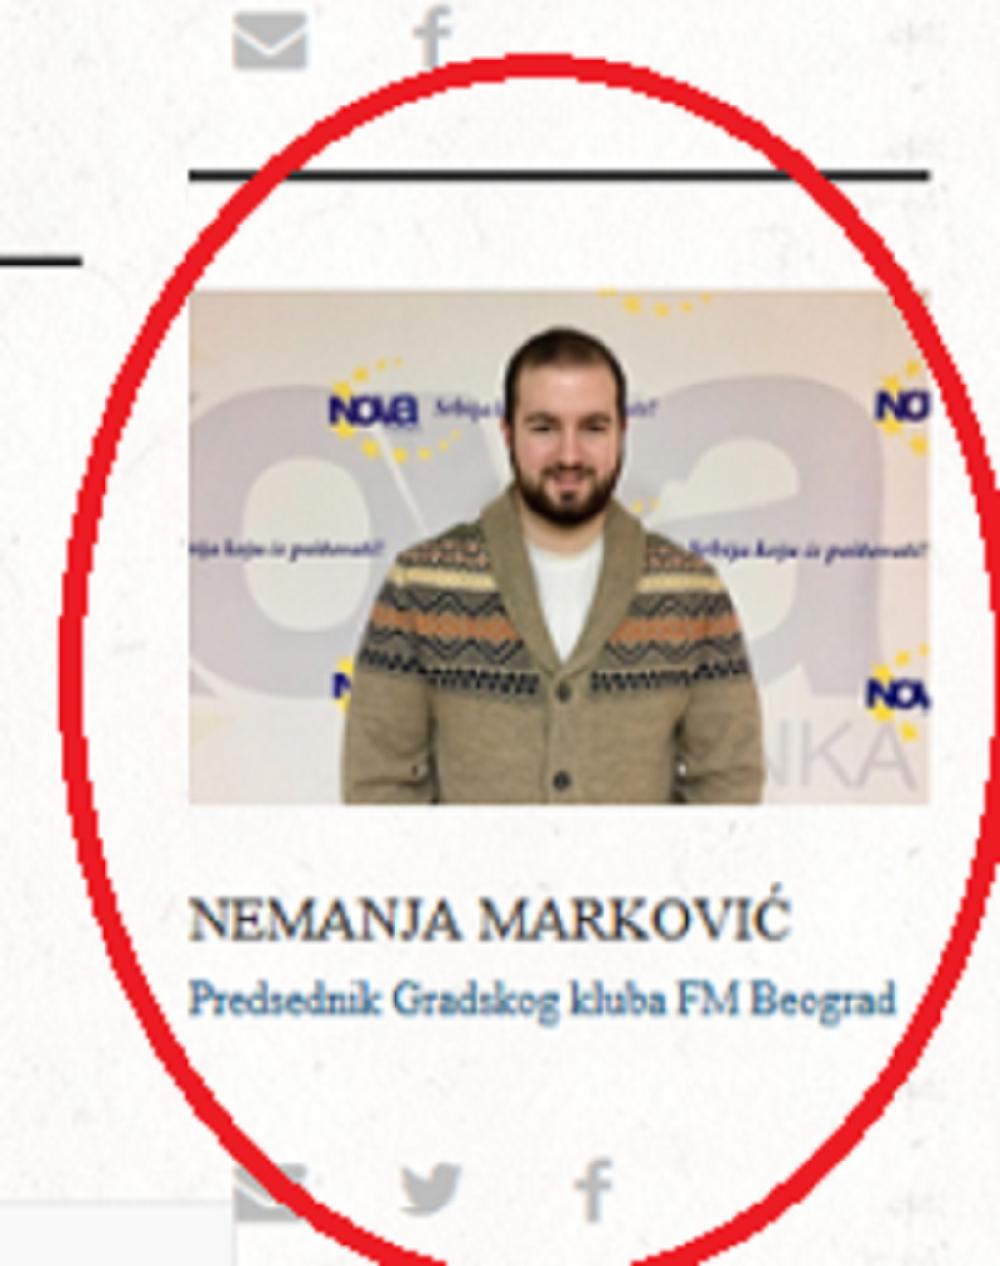 Nemanja Marković